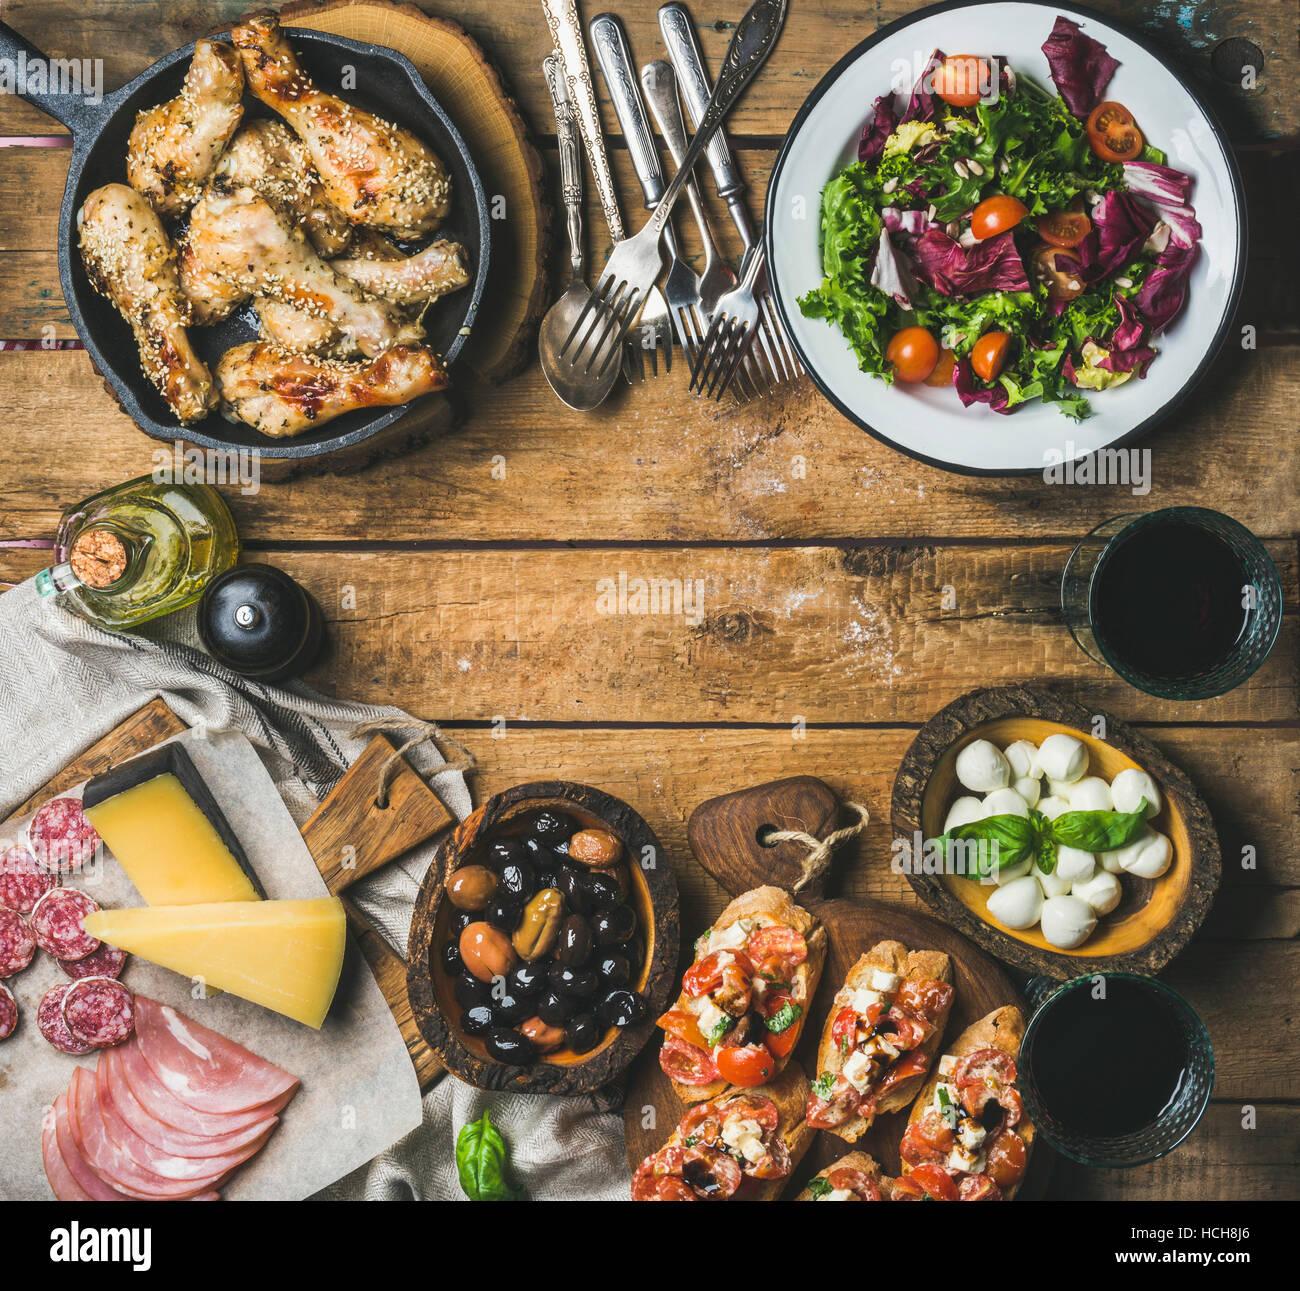 Tableau partie arrangement. Set de table rustique avec une salade de légumes, olives, poulet, tomate et fromage Photo Stock